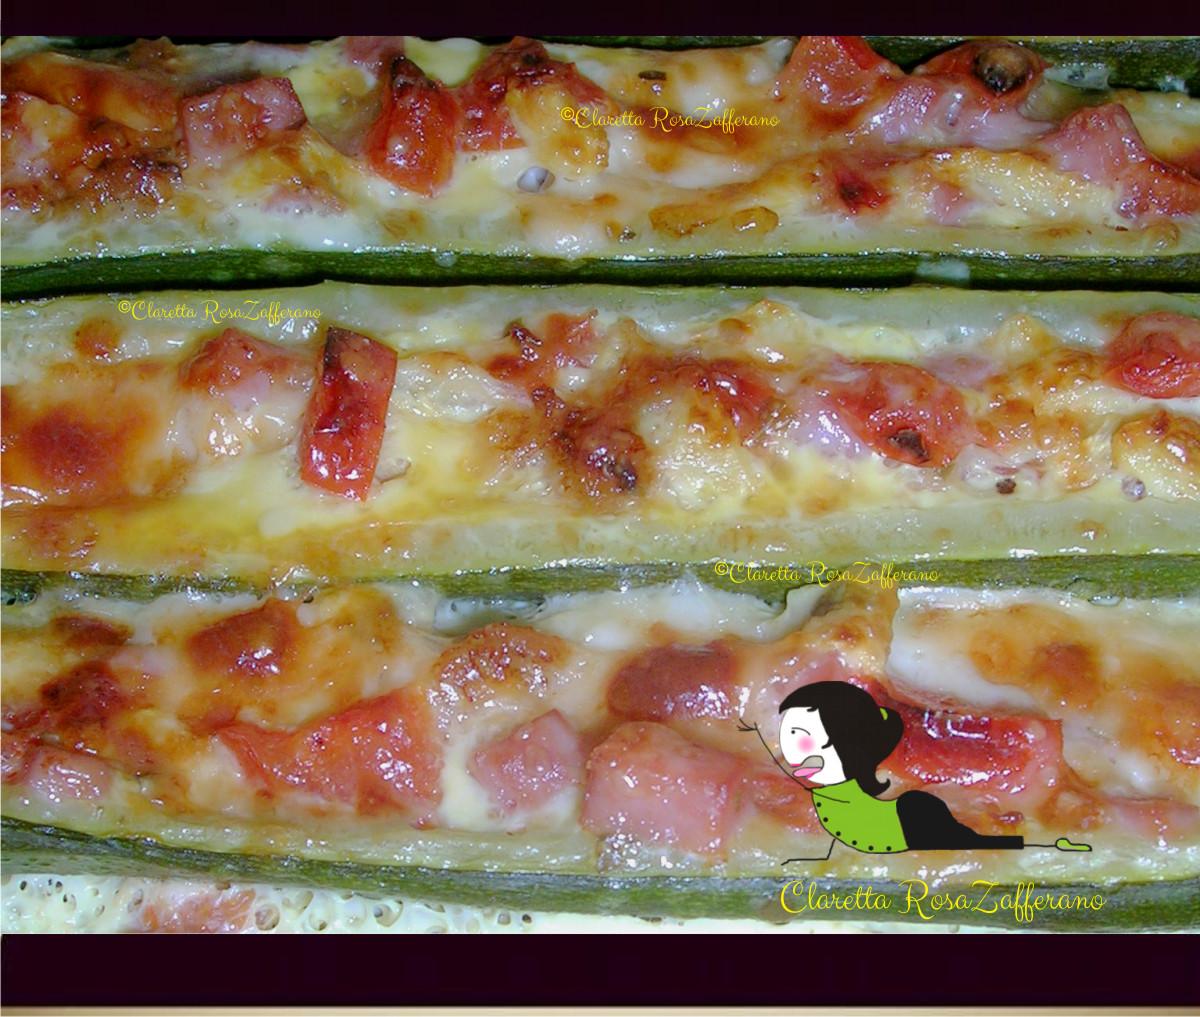 Zucchine ripiene e saporite al forno, Zucchine ripiene, Zucchine al forno, Claretta Rosa Zafferano